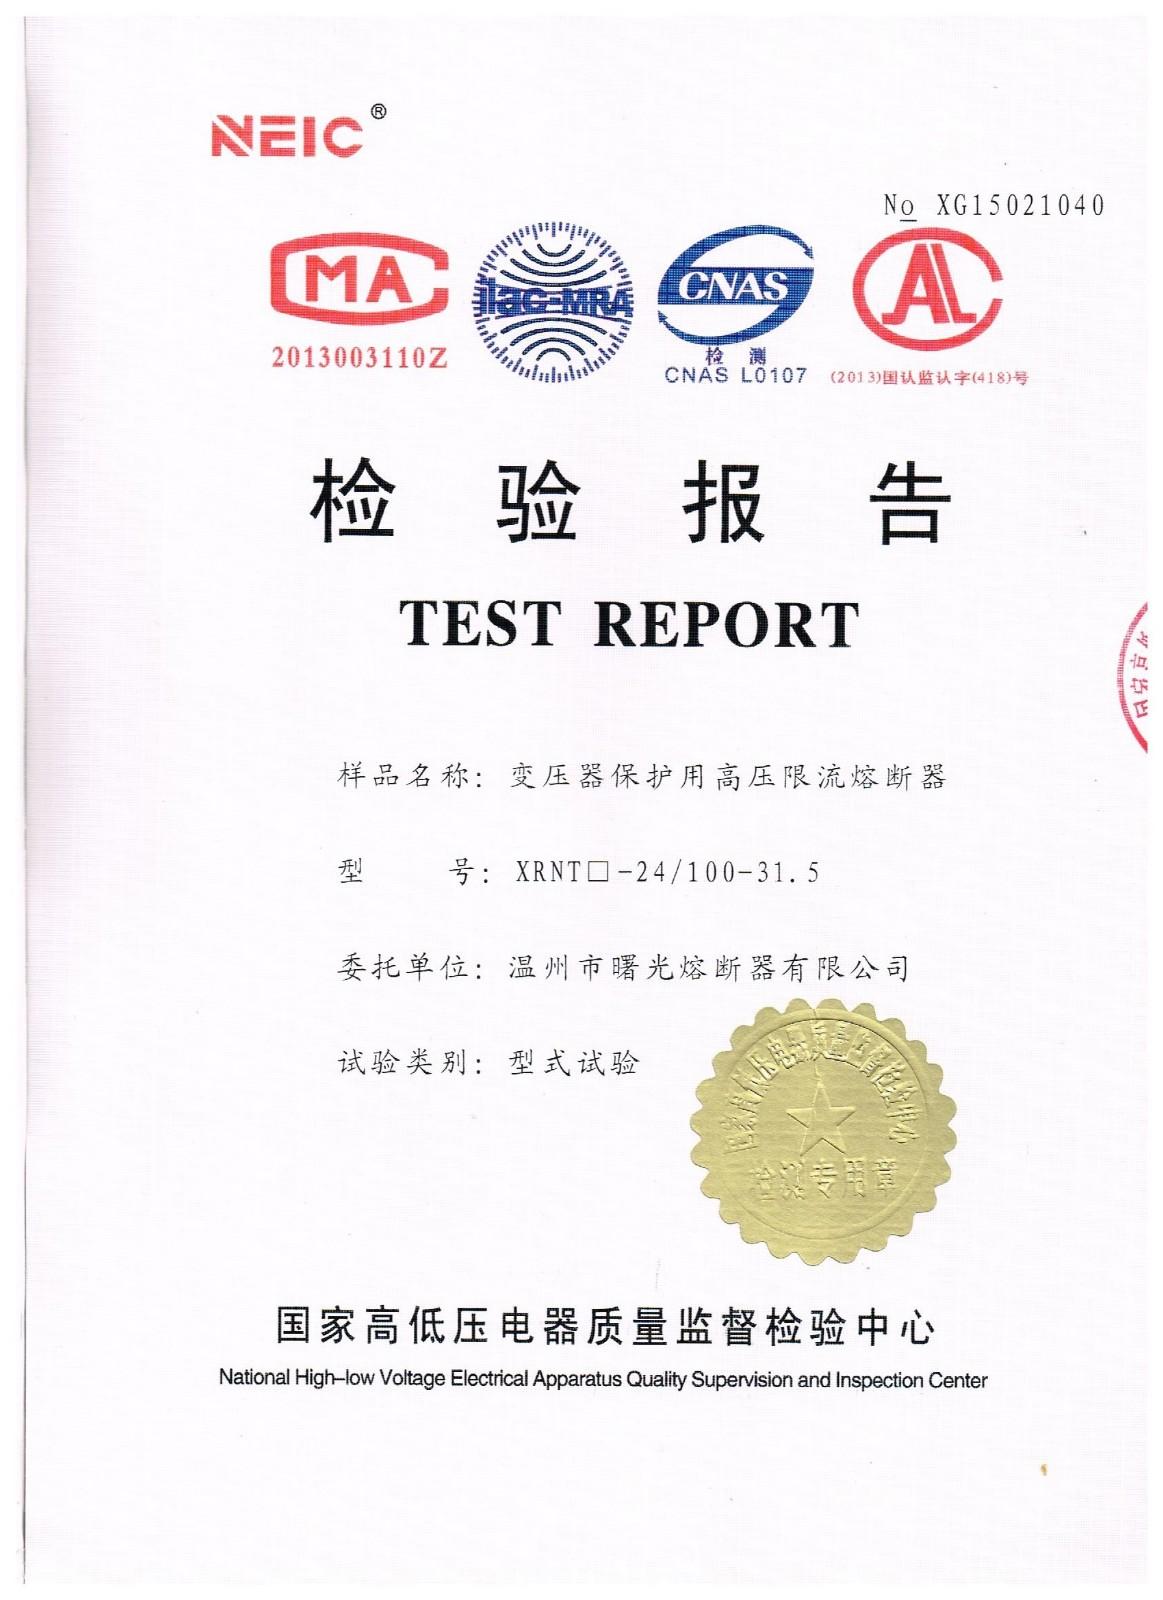 24kv测试报告1.jpg